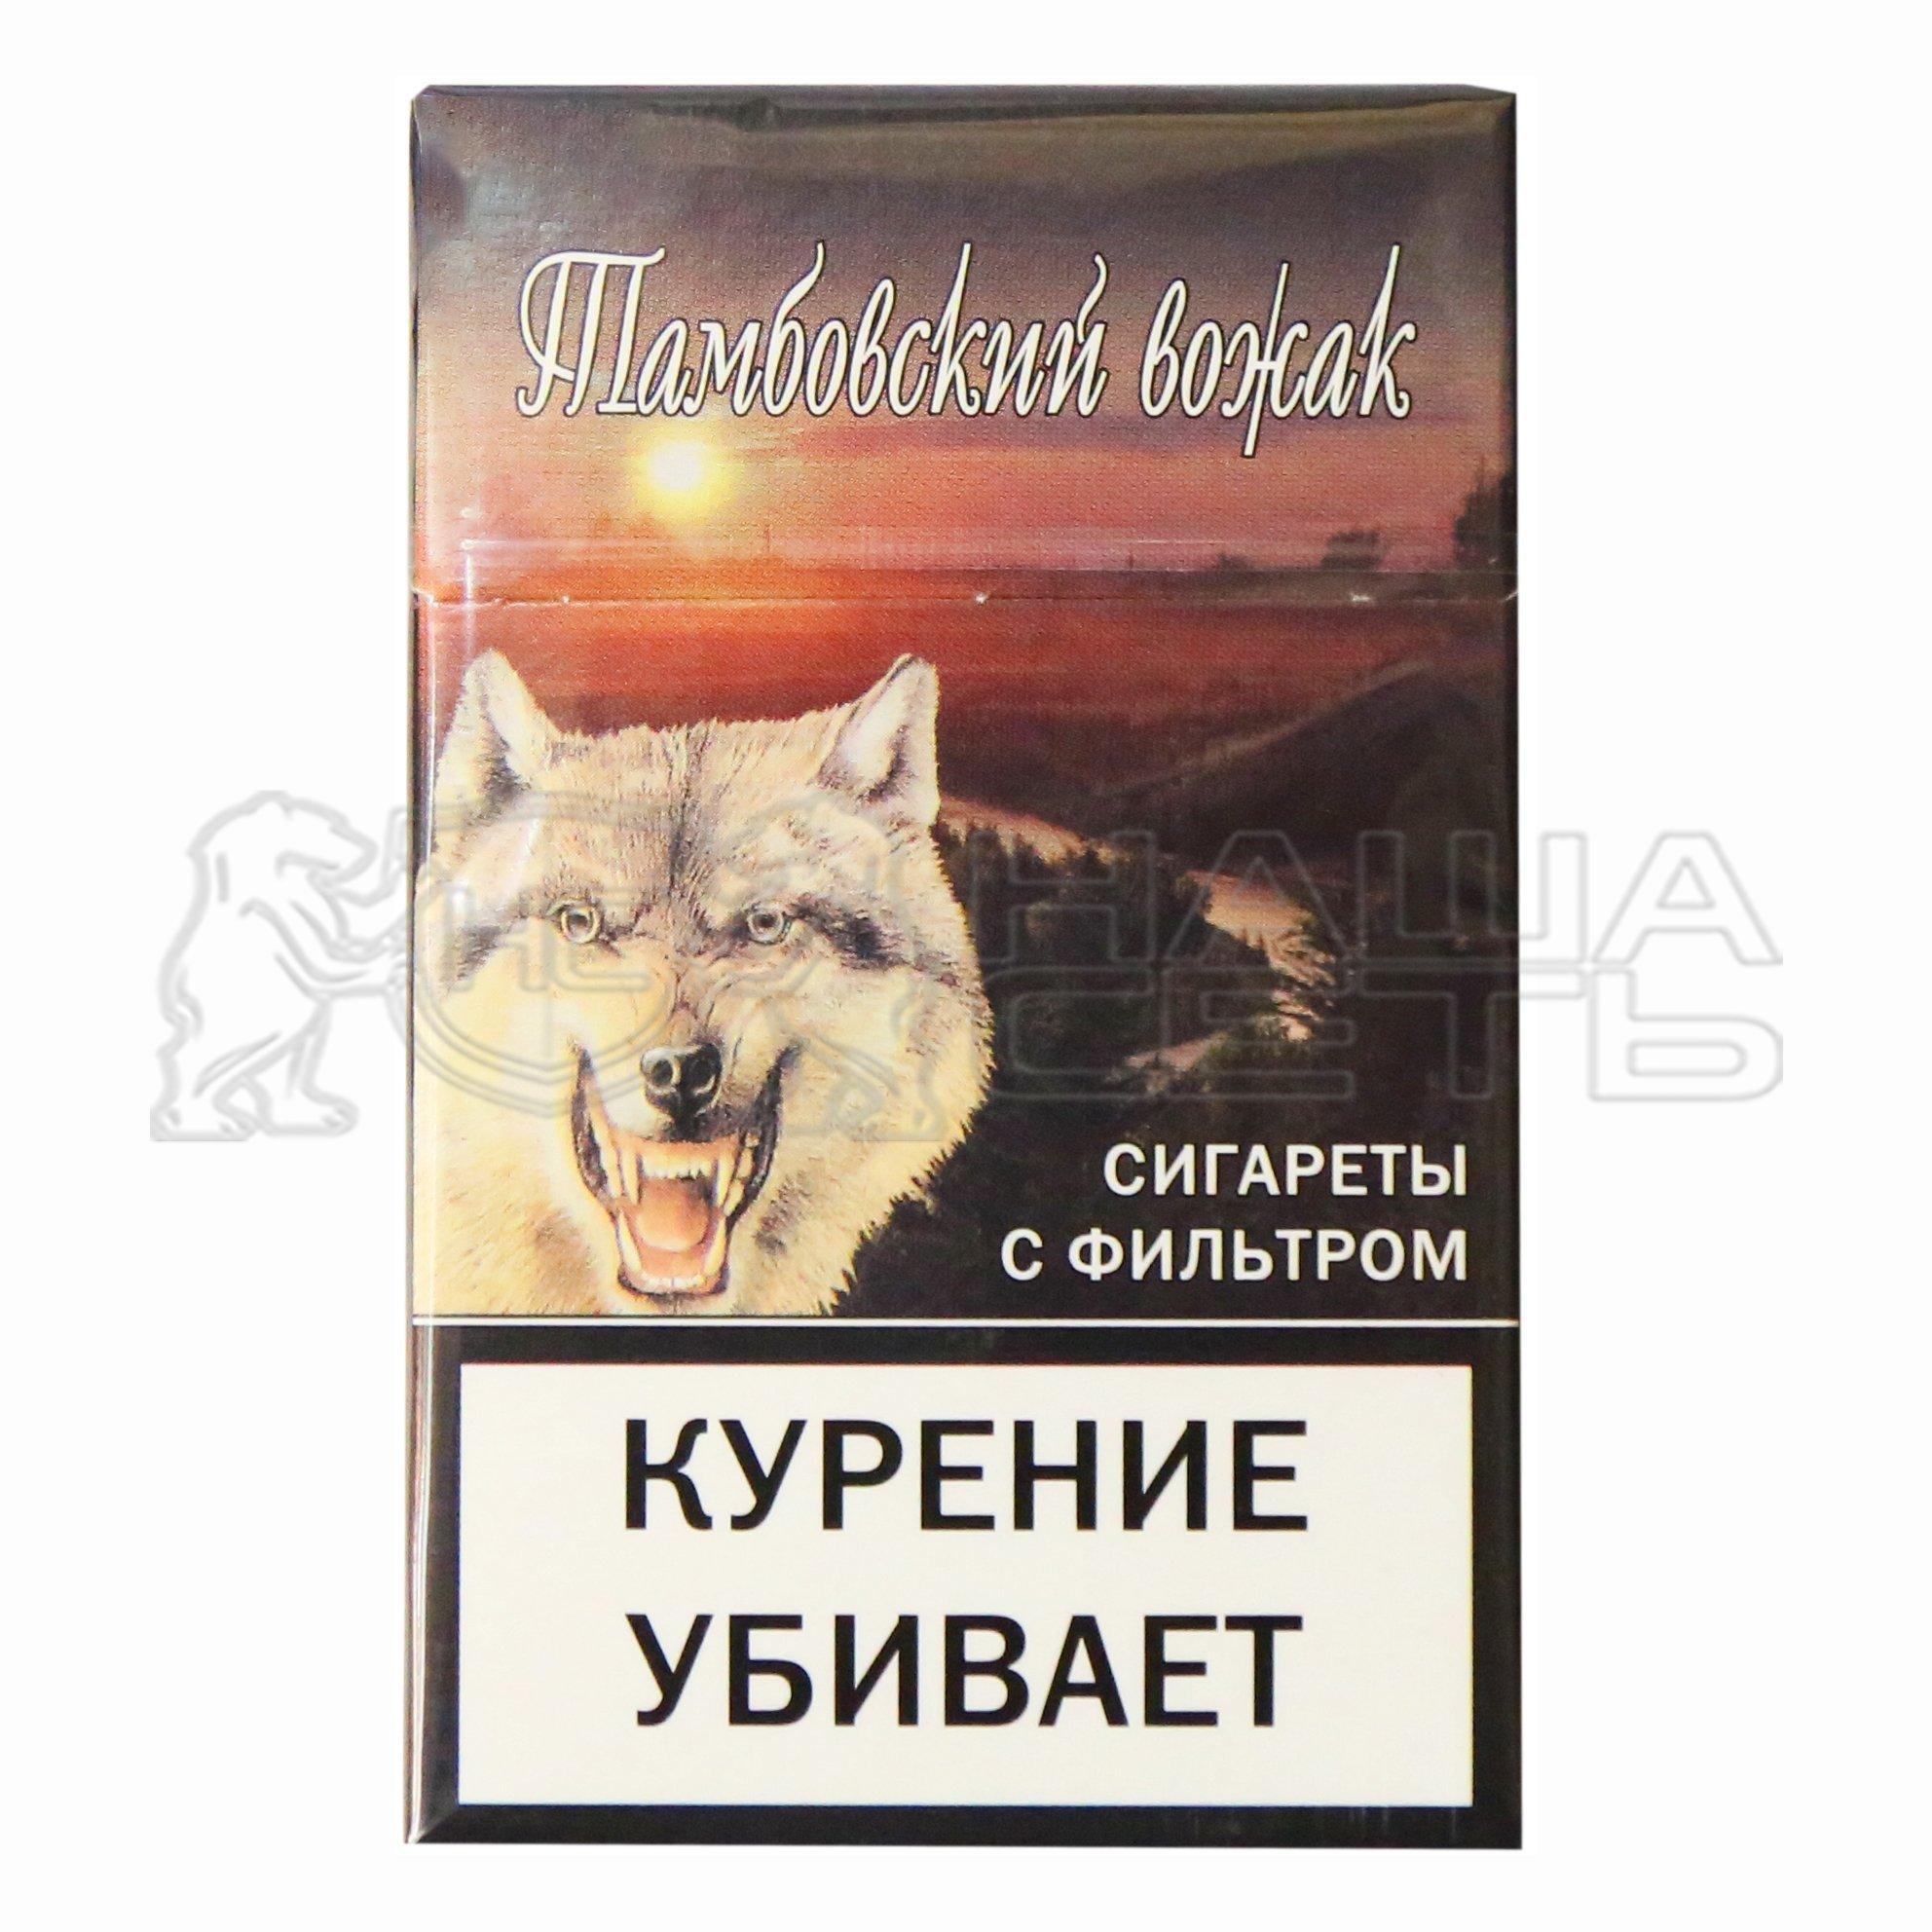 где купить сигареты тамбовский вожак